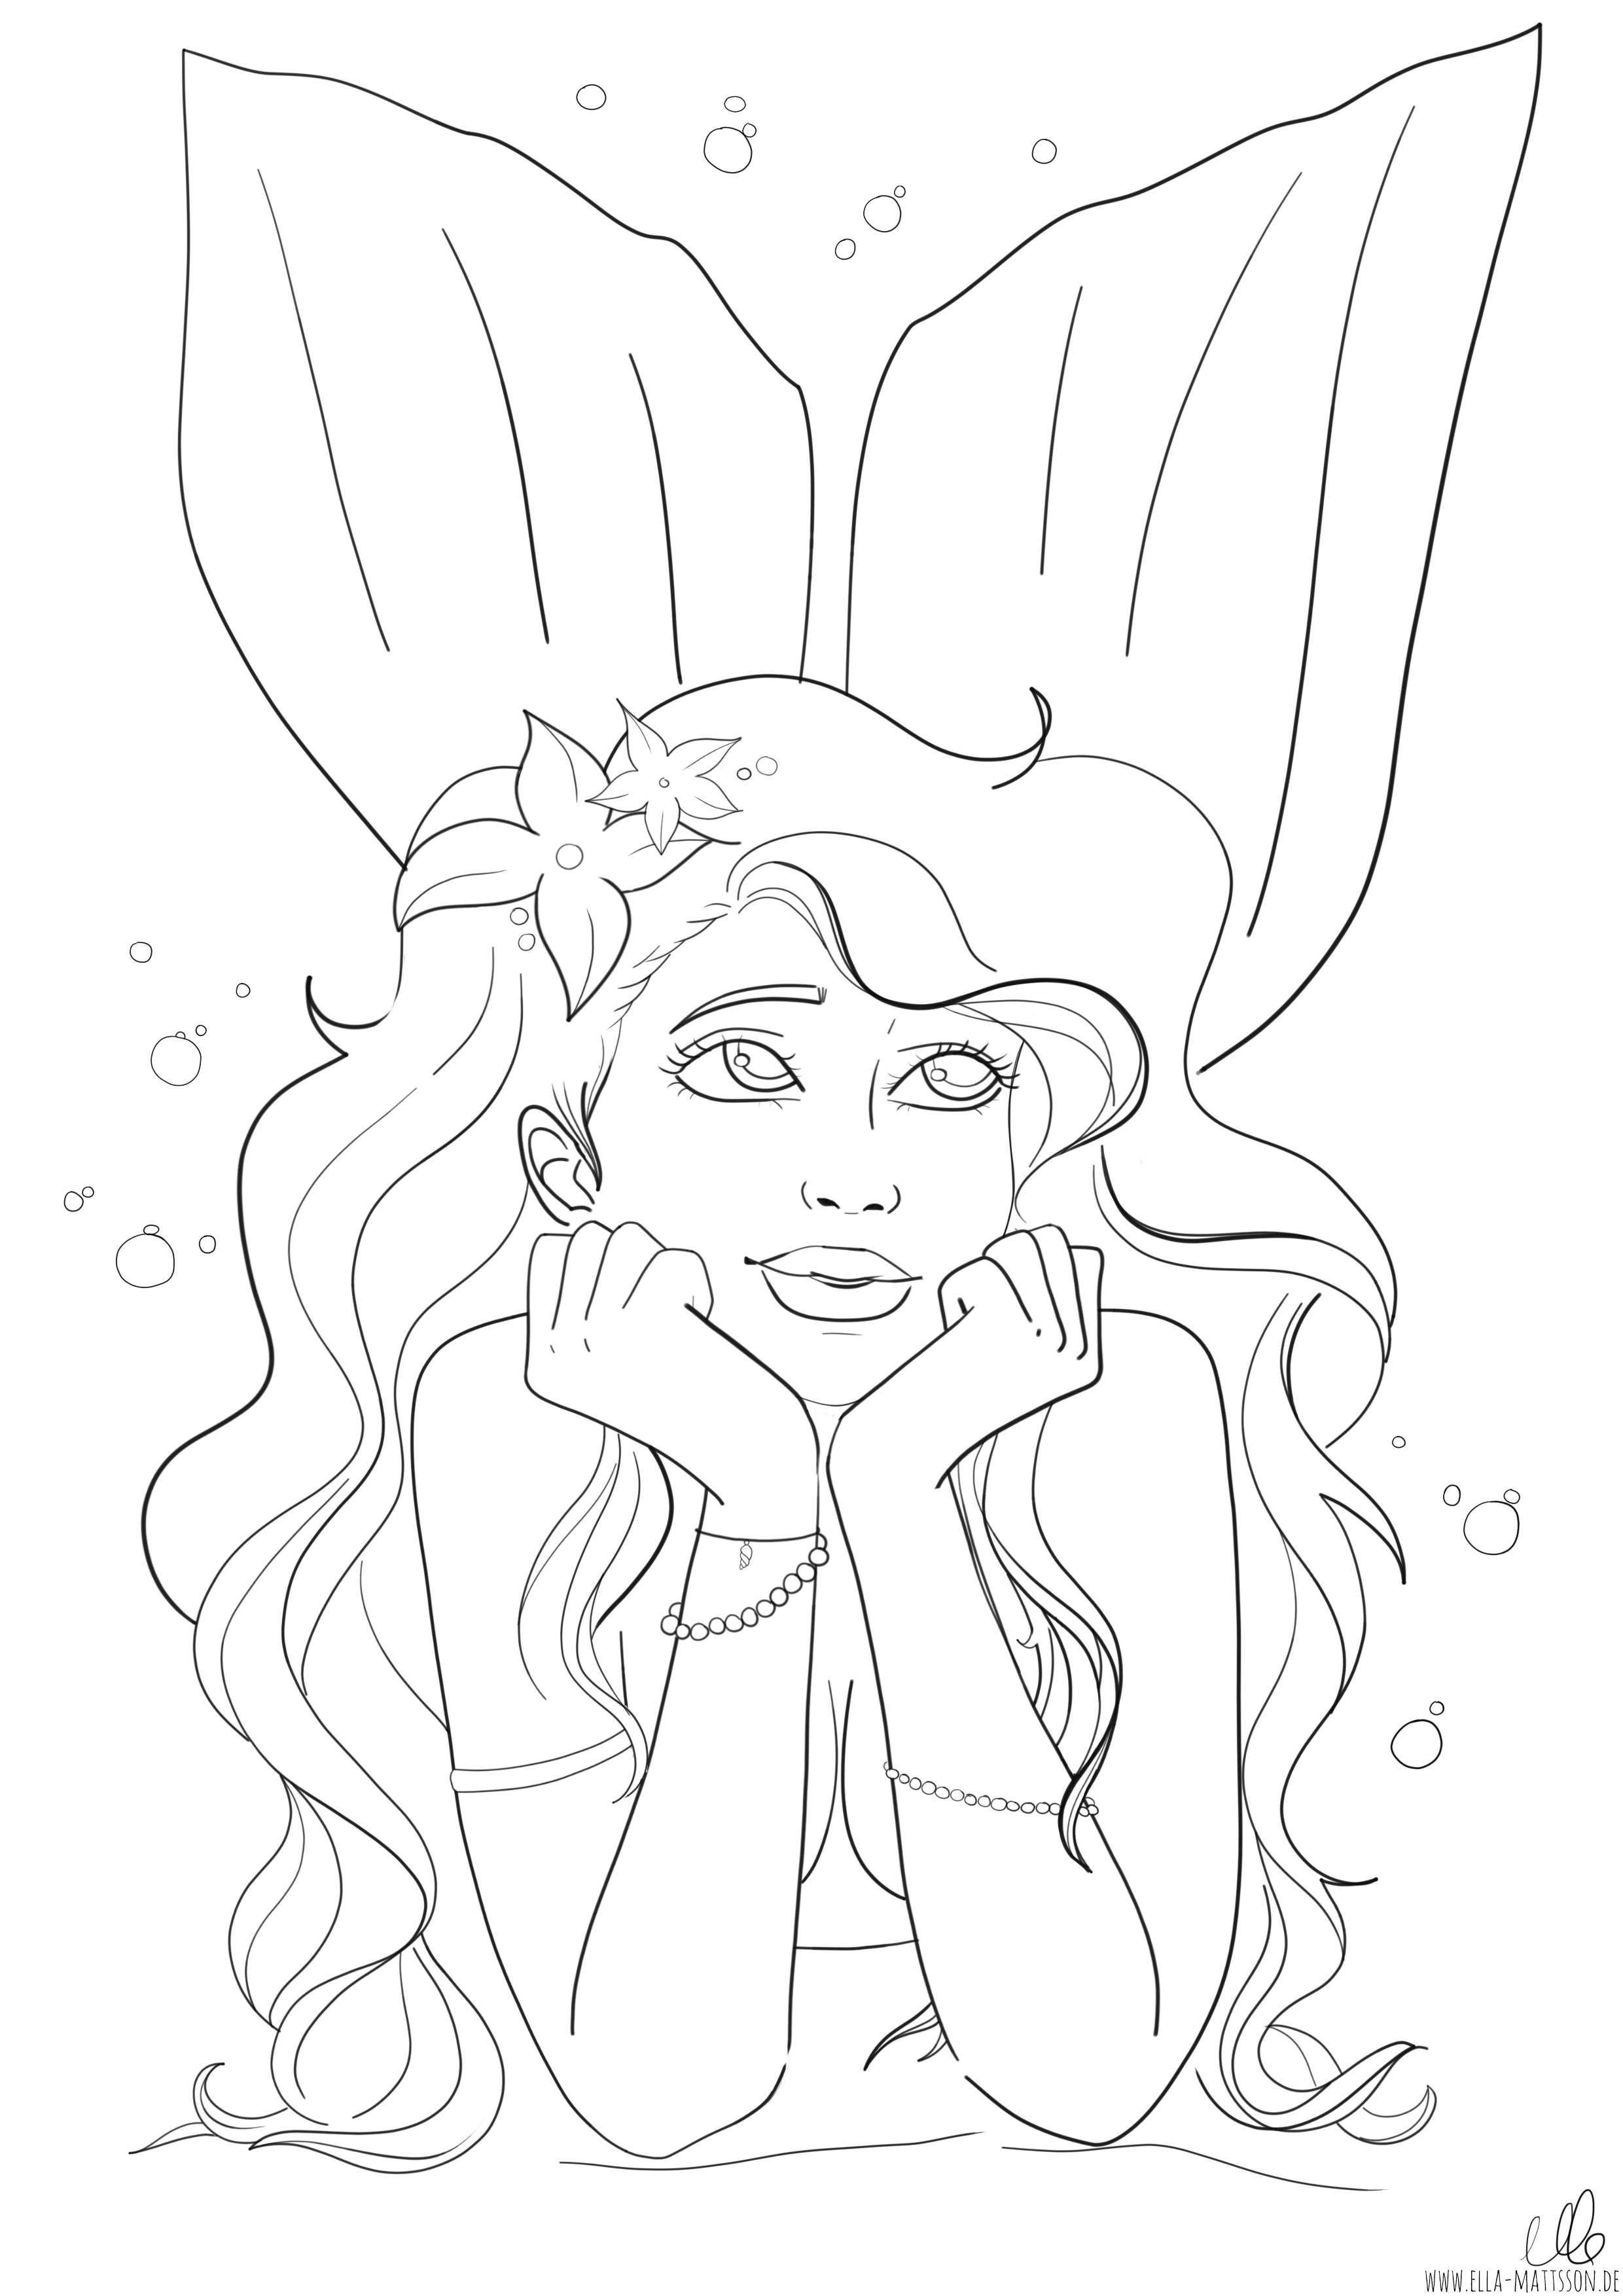 Meerjungfrau Ausmalbild coloring Wunderschöne